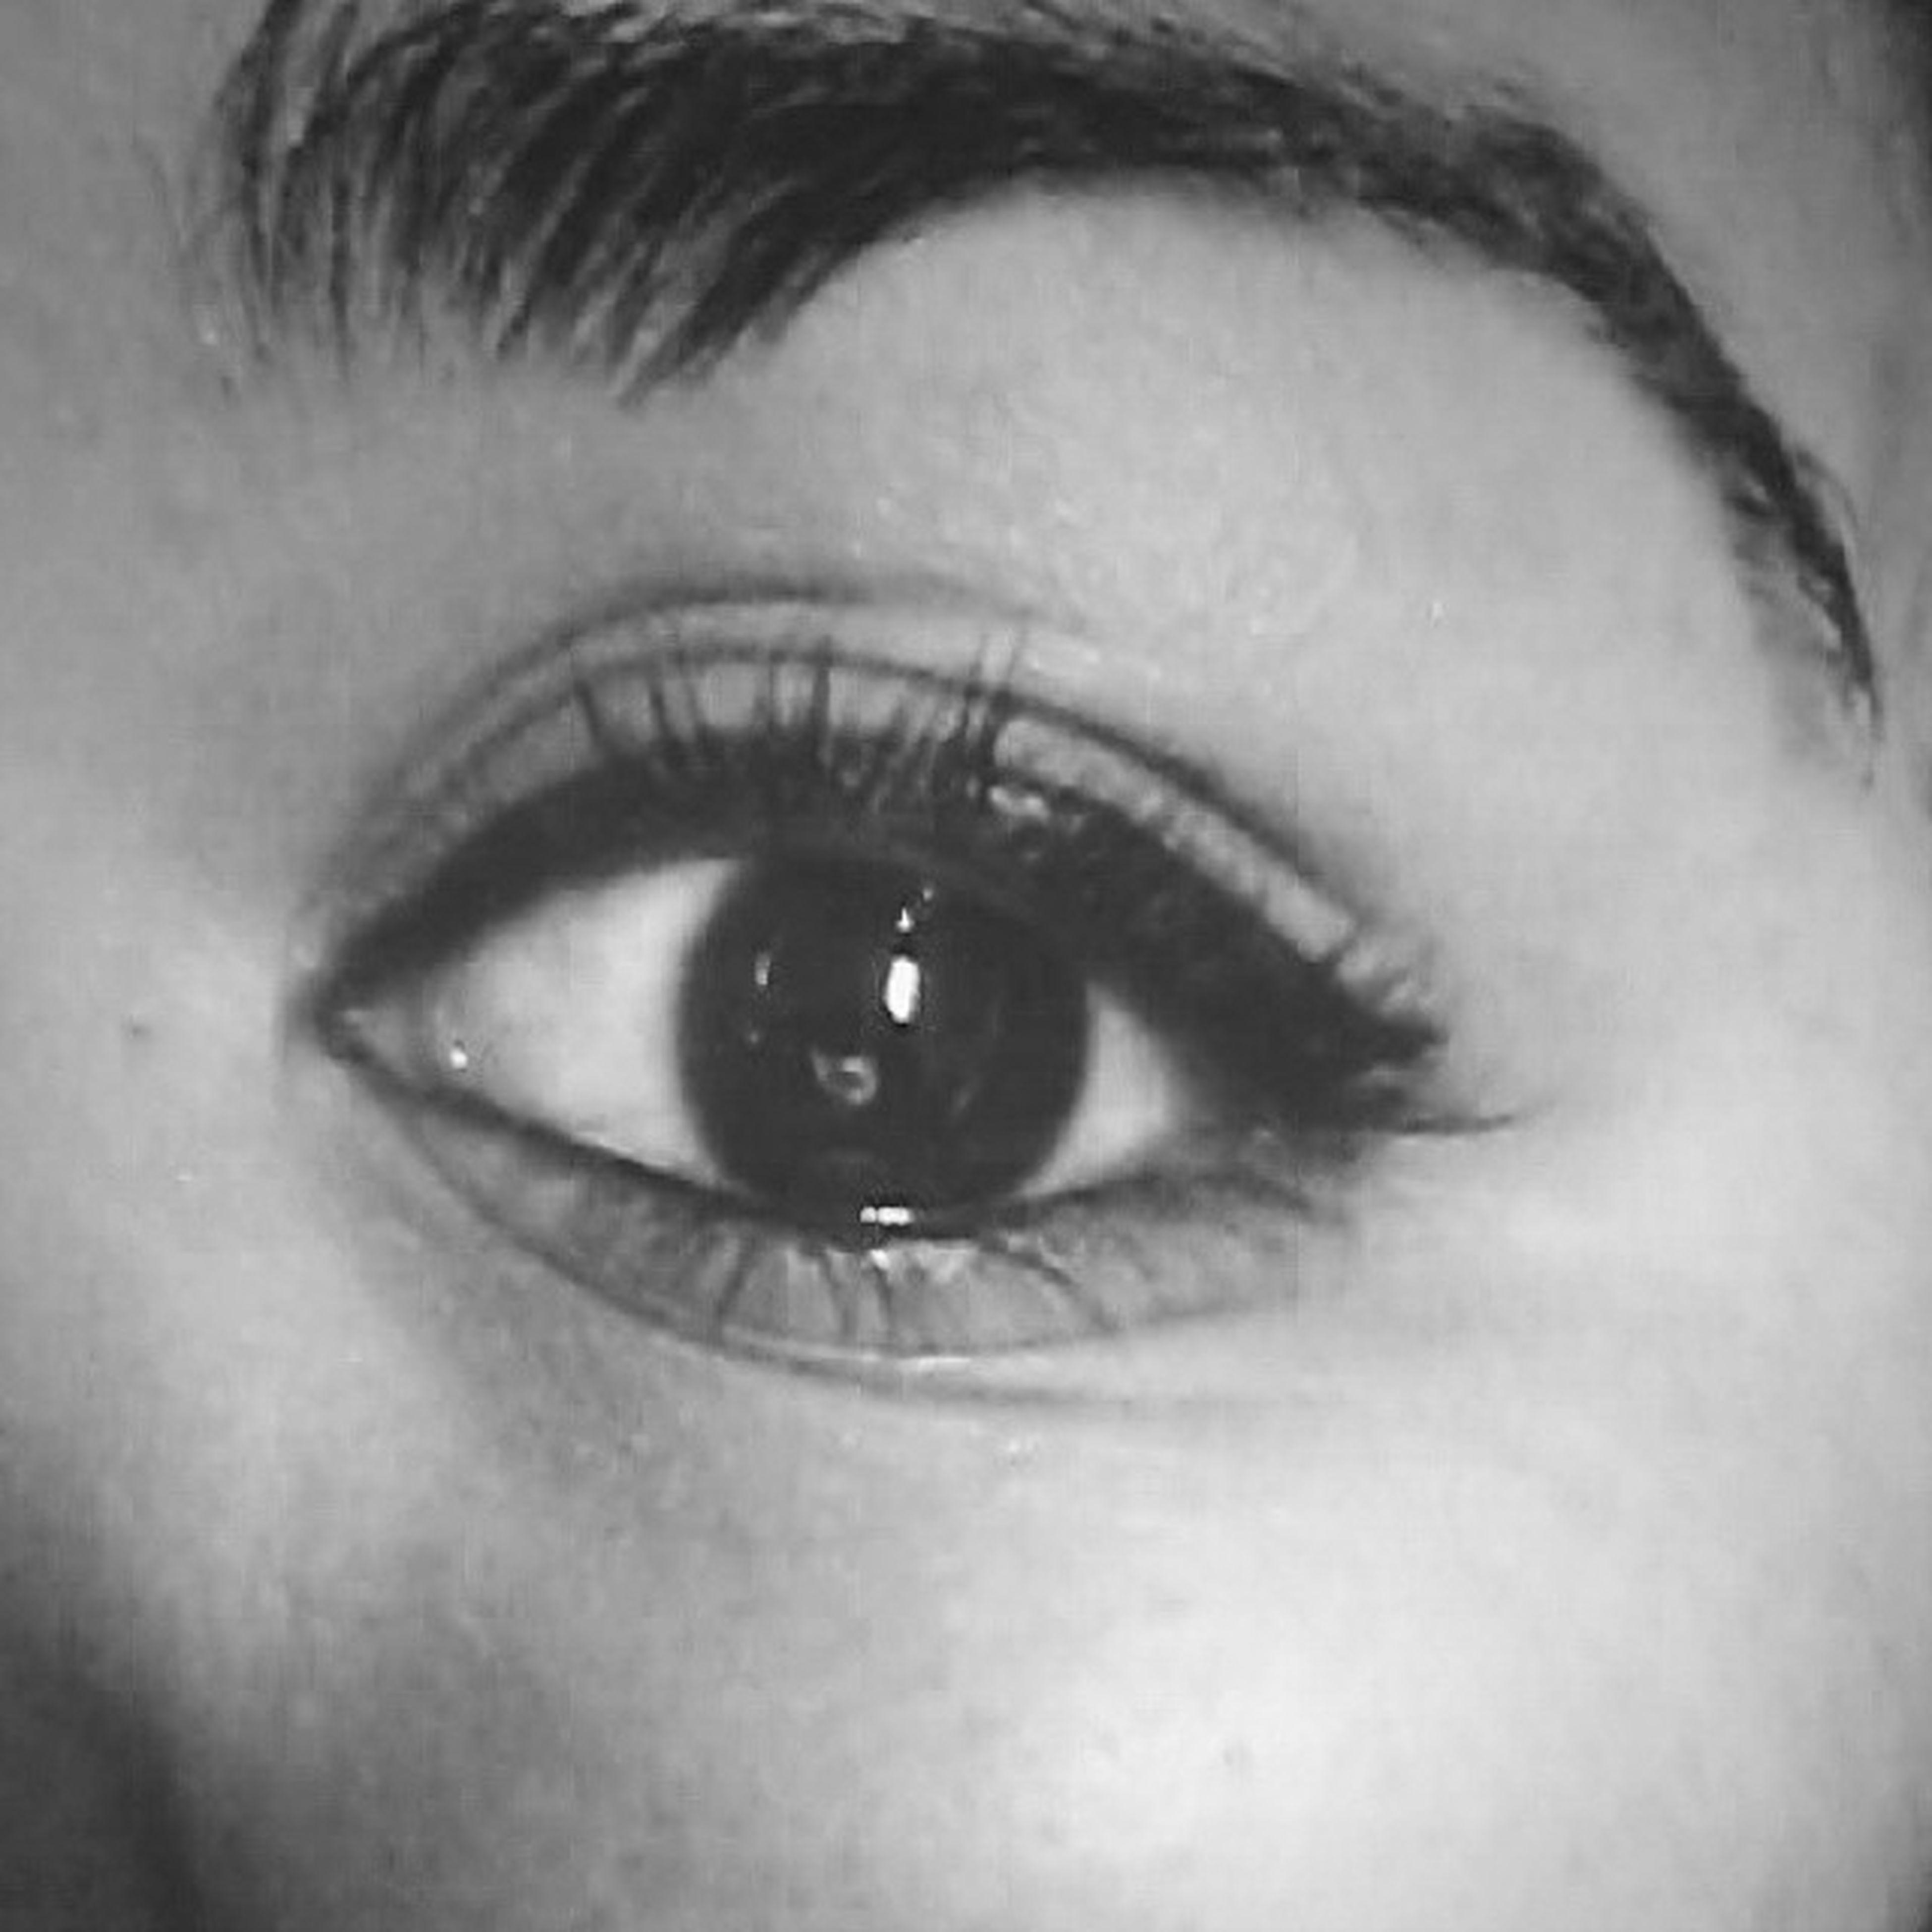 My Eye.,My Eyebrow,My Mole Vanity VanityIsNotASin Makeup Eyeliner buxoneyeliner Selfie urbandecayeyeliner eyebrowplucked shapedmyownbrows mybeautymarkmole mole BeautiesOfInstagram face blackandwhite portrait eye bigeyes doubletap beautytips beauty justaskmehowidoit neat trini trinidadandtobago